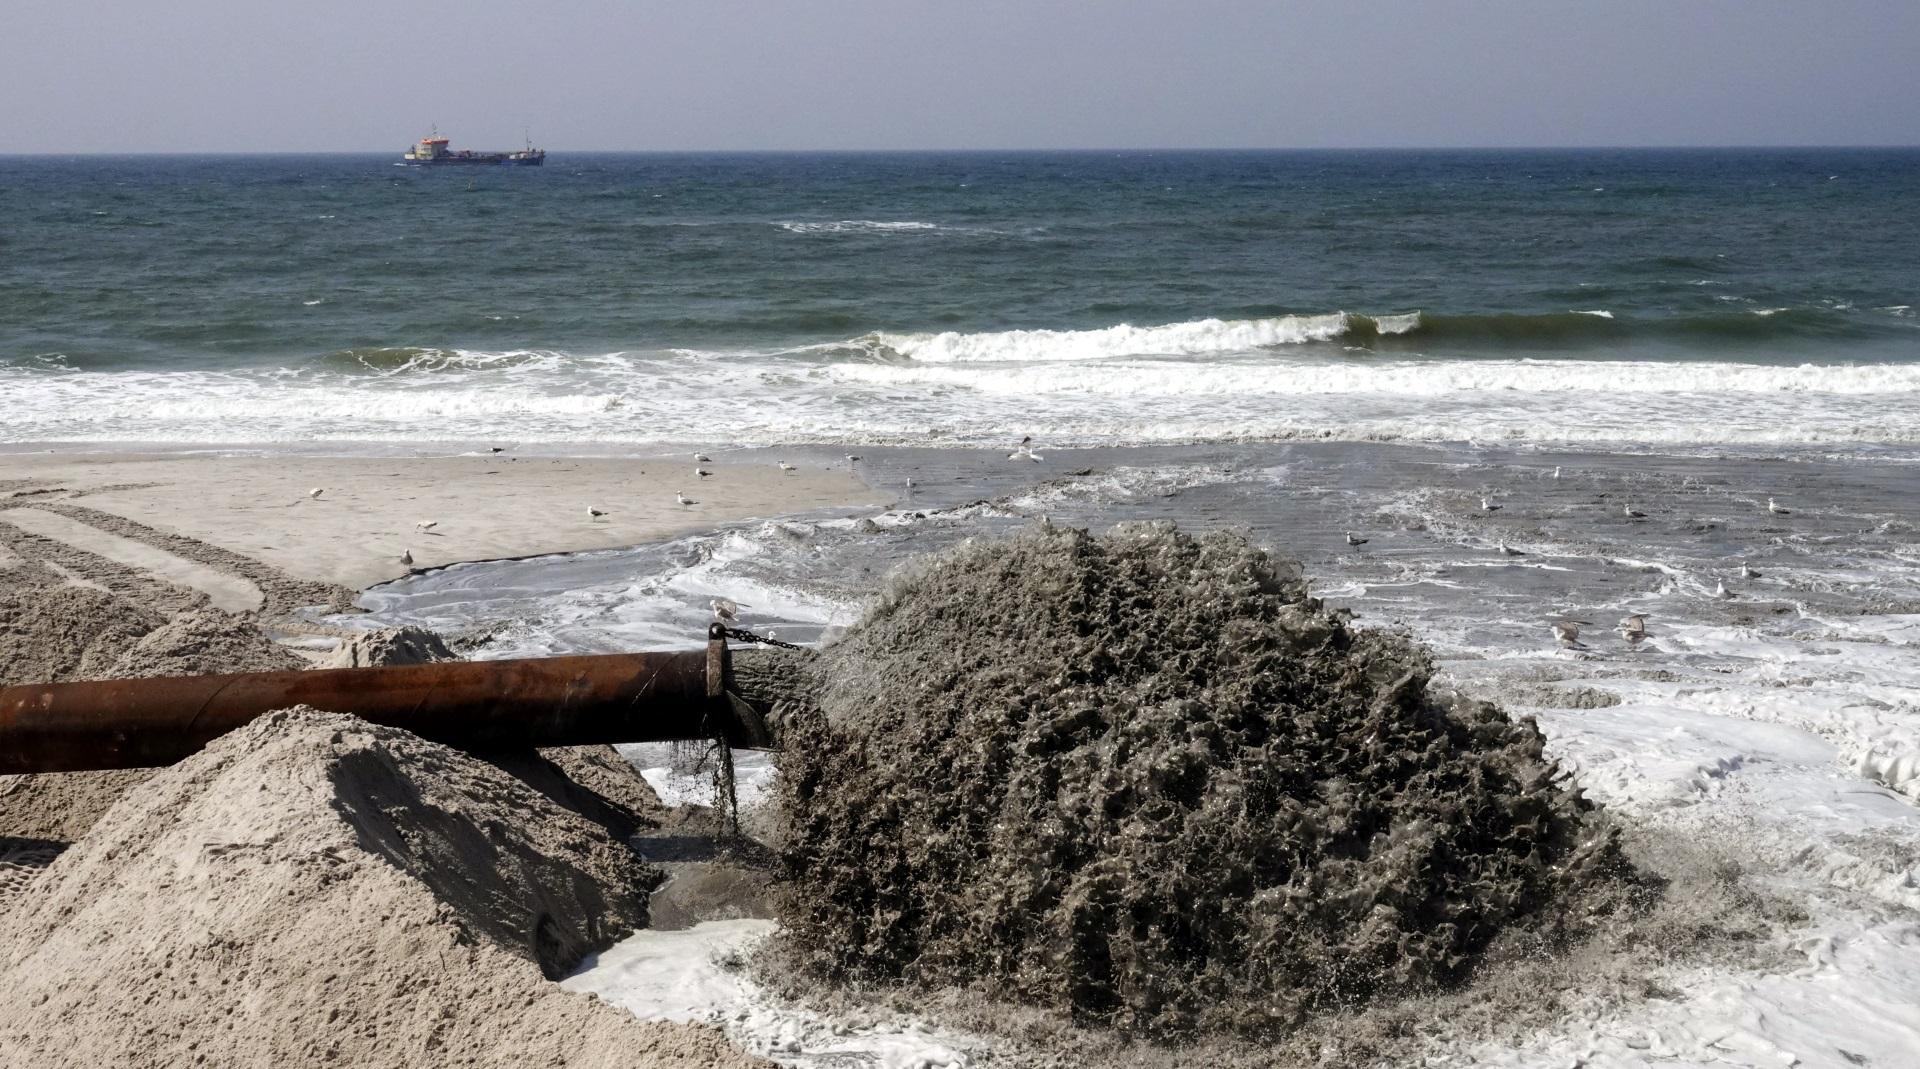 Das Spülschiff und die Vorspülungen bringen neuen Sand